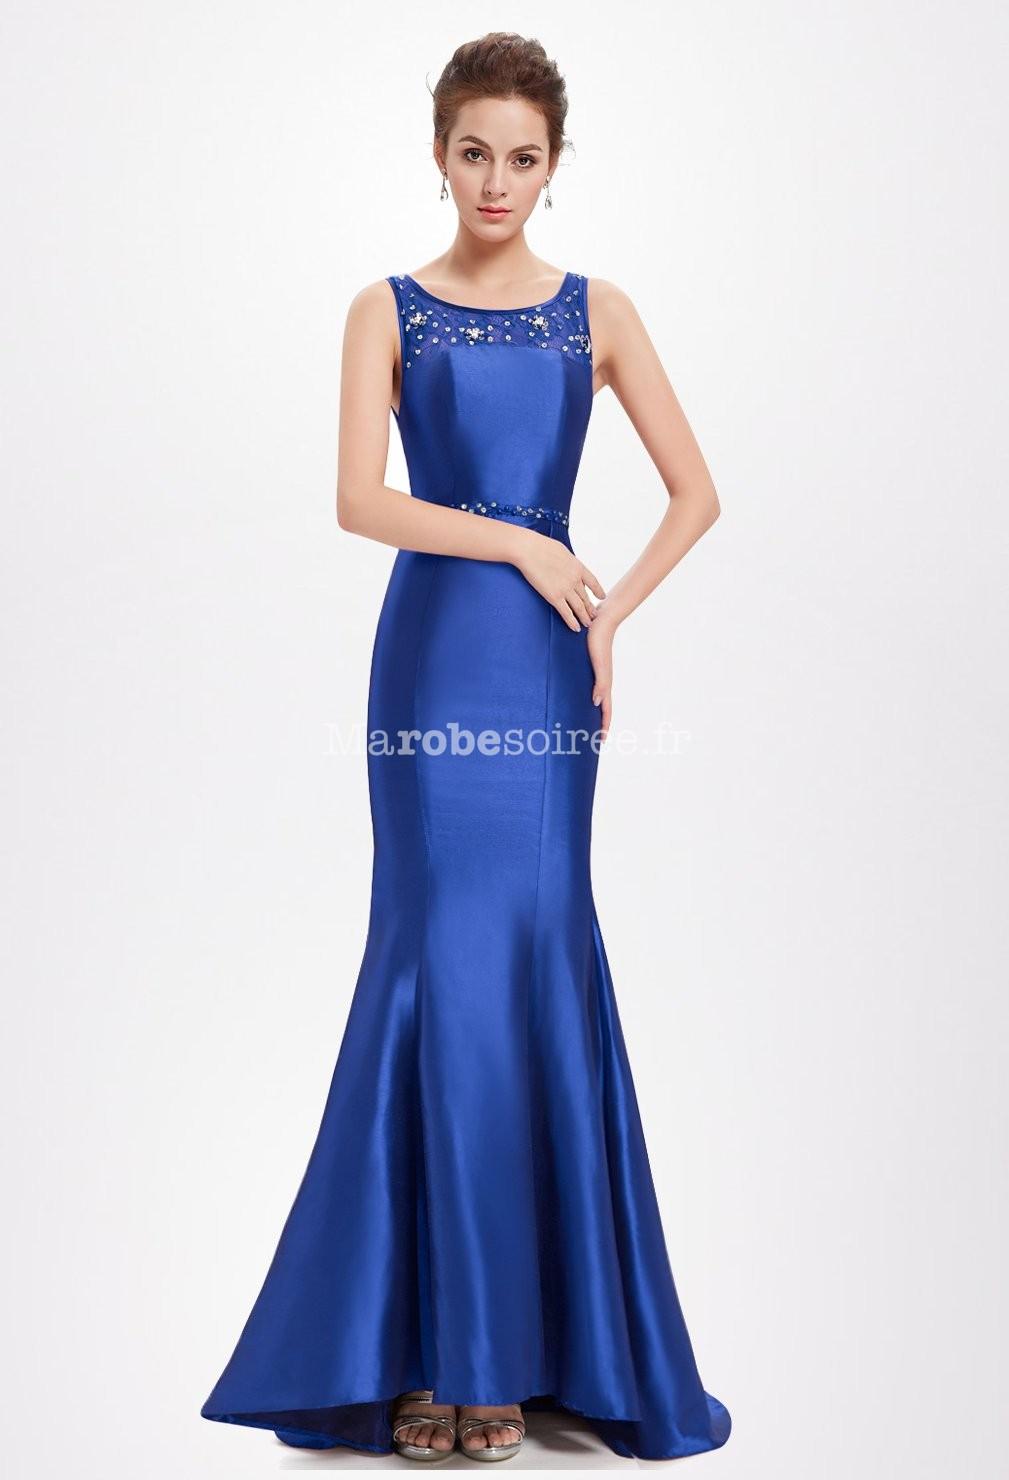 Robe soiree bleu saphir